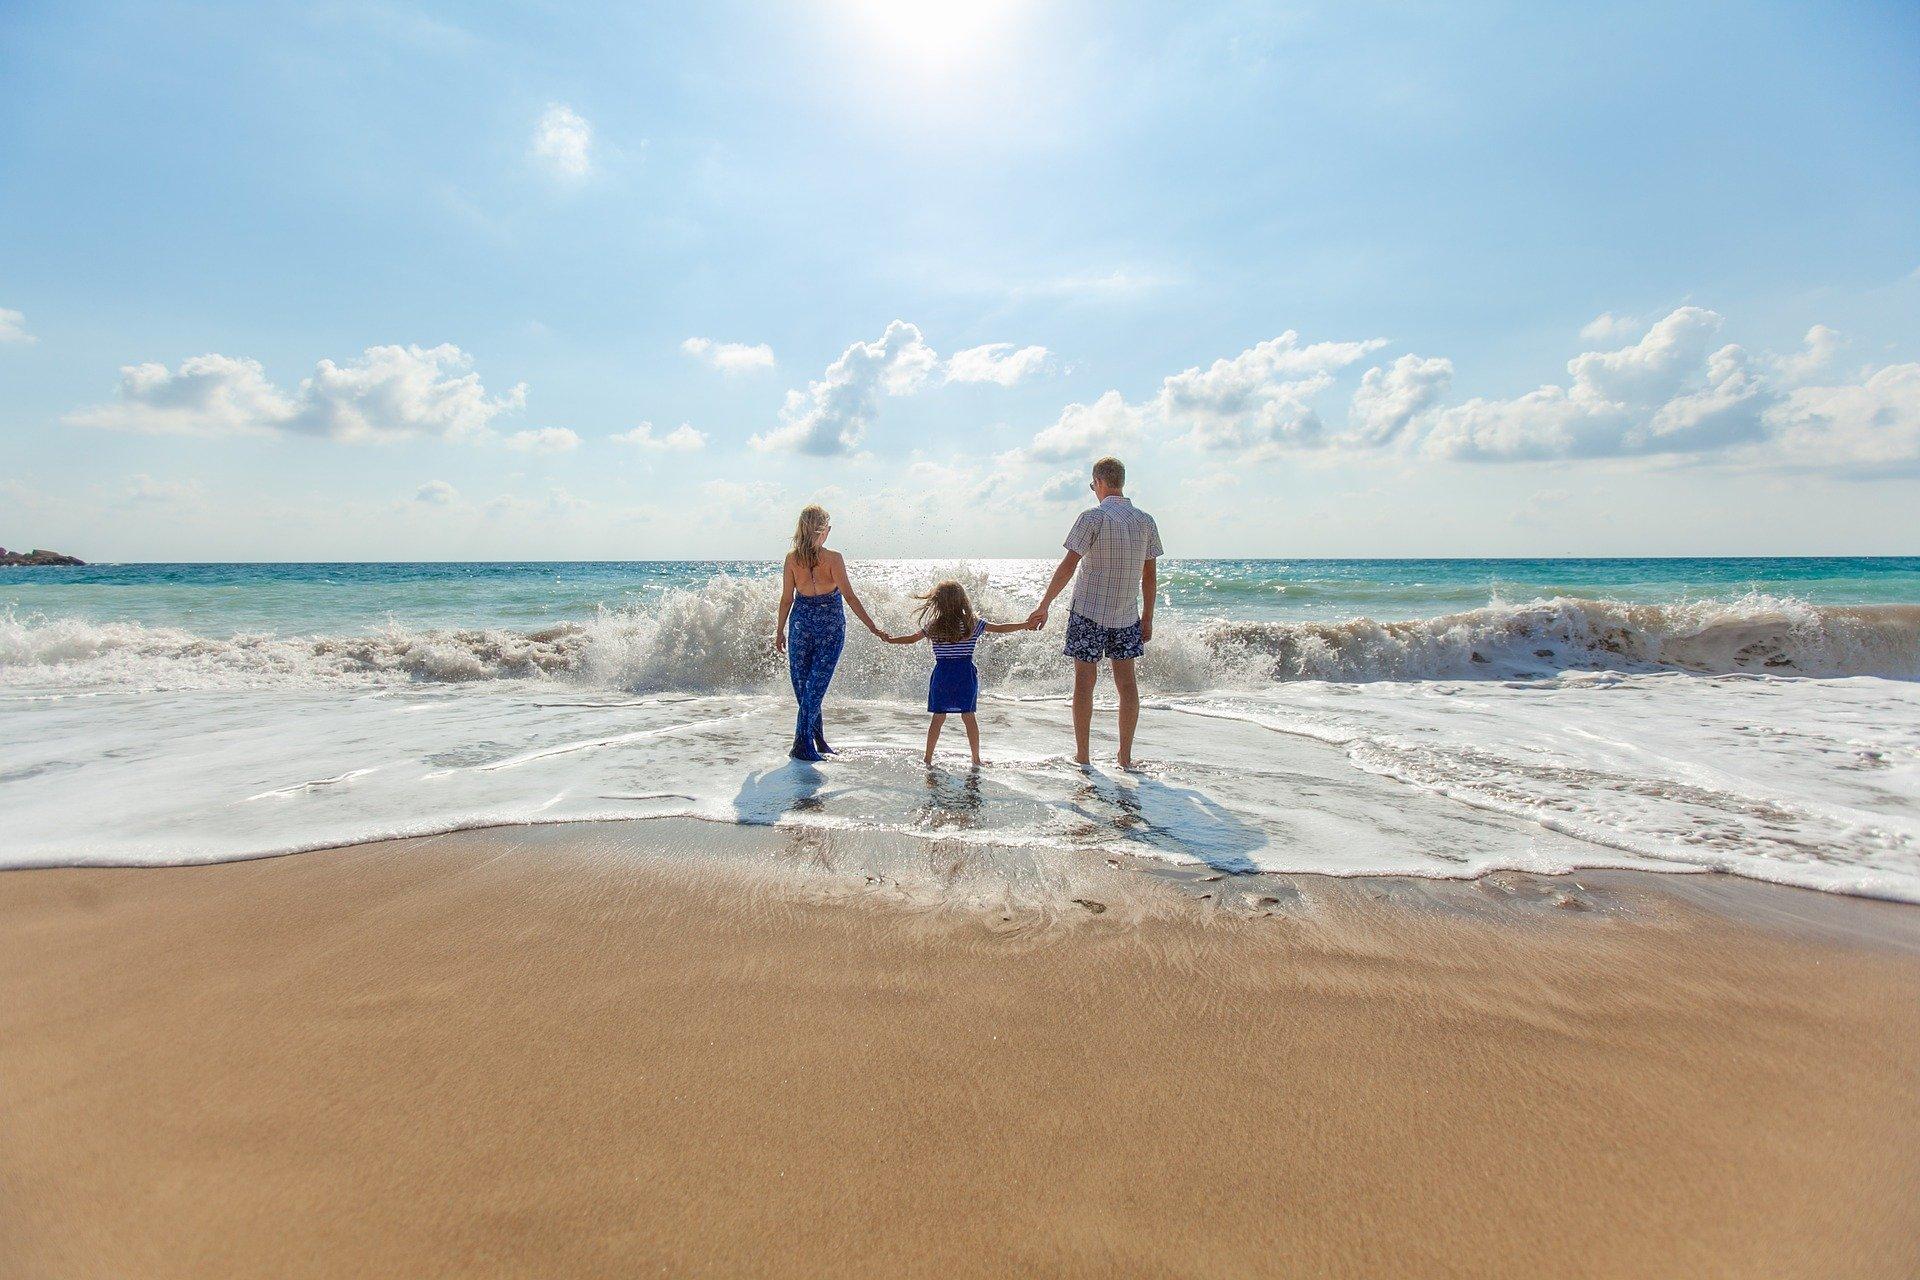 Τουρισμός για όλους: Πόσες μέρες δικαιούστε δωρεάν διακοπές – Ποια είναι τα κριτήρια (vid)